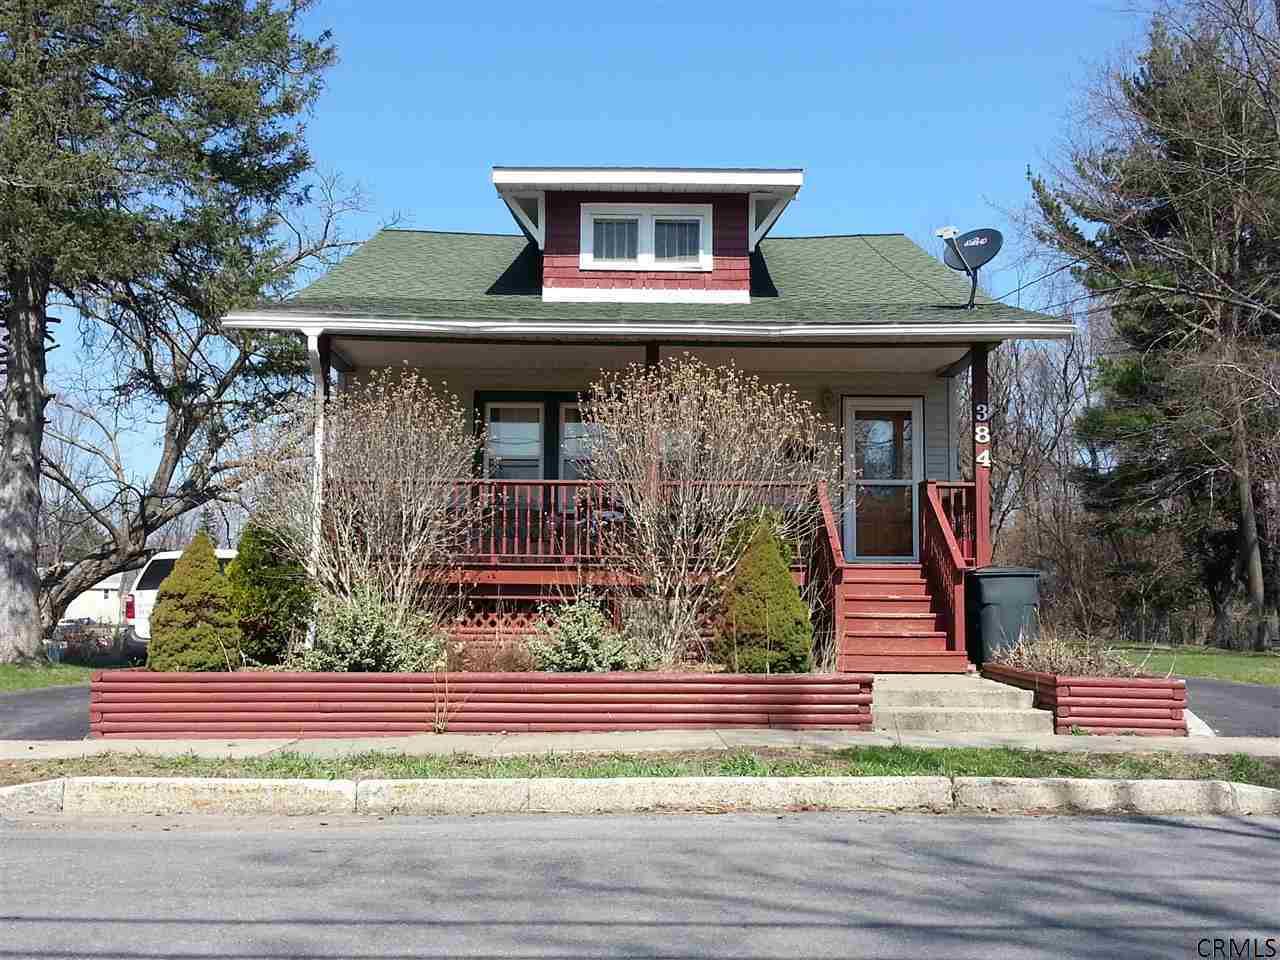 384 Bradford Rd, Schenectady, NY